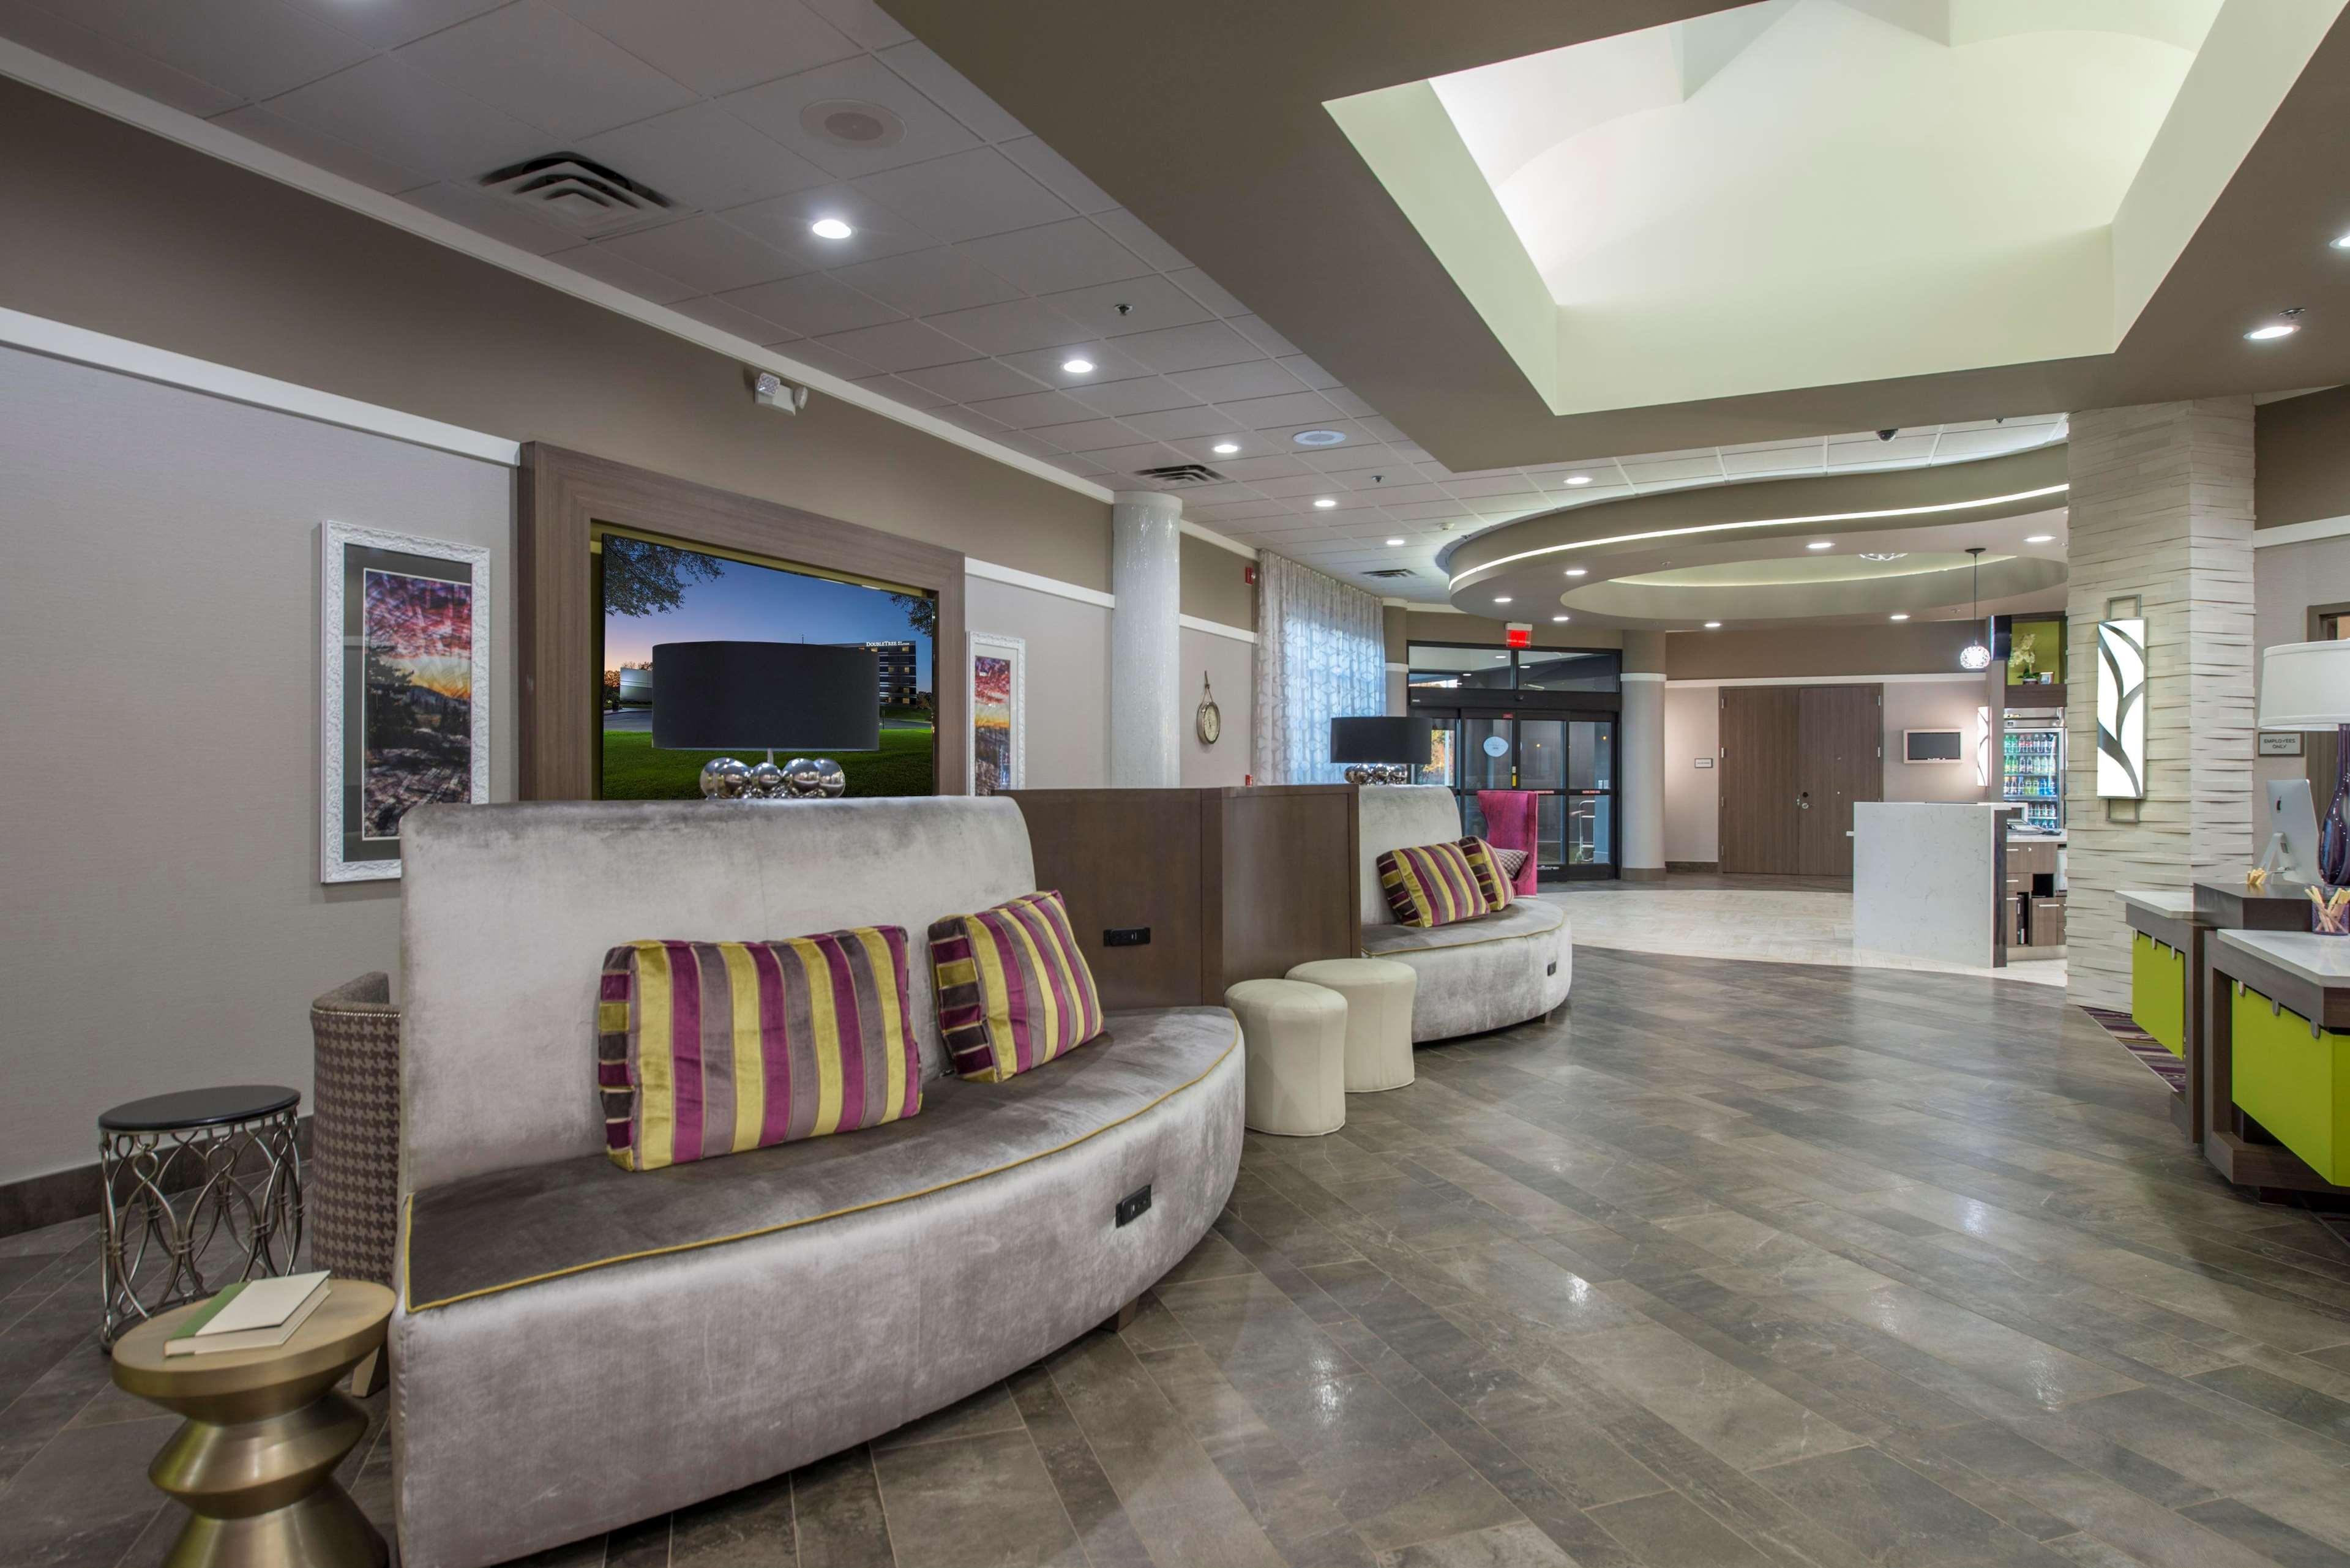 DoubleTree by Hilton Hotel Winston Salem - University image 13